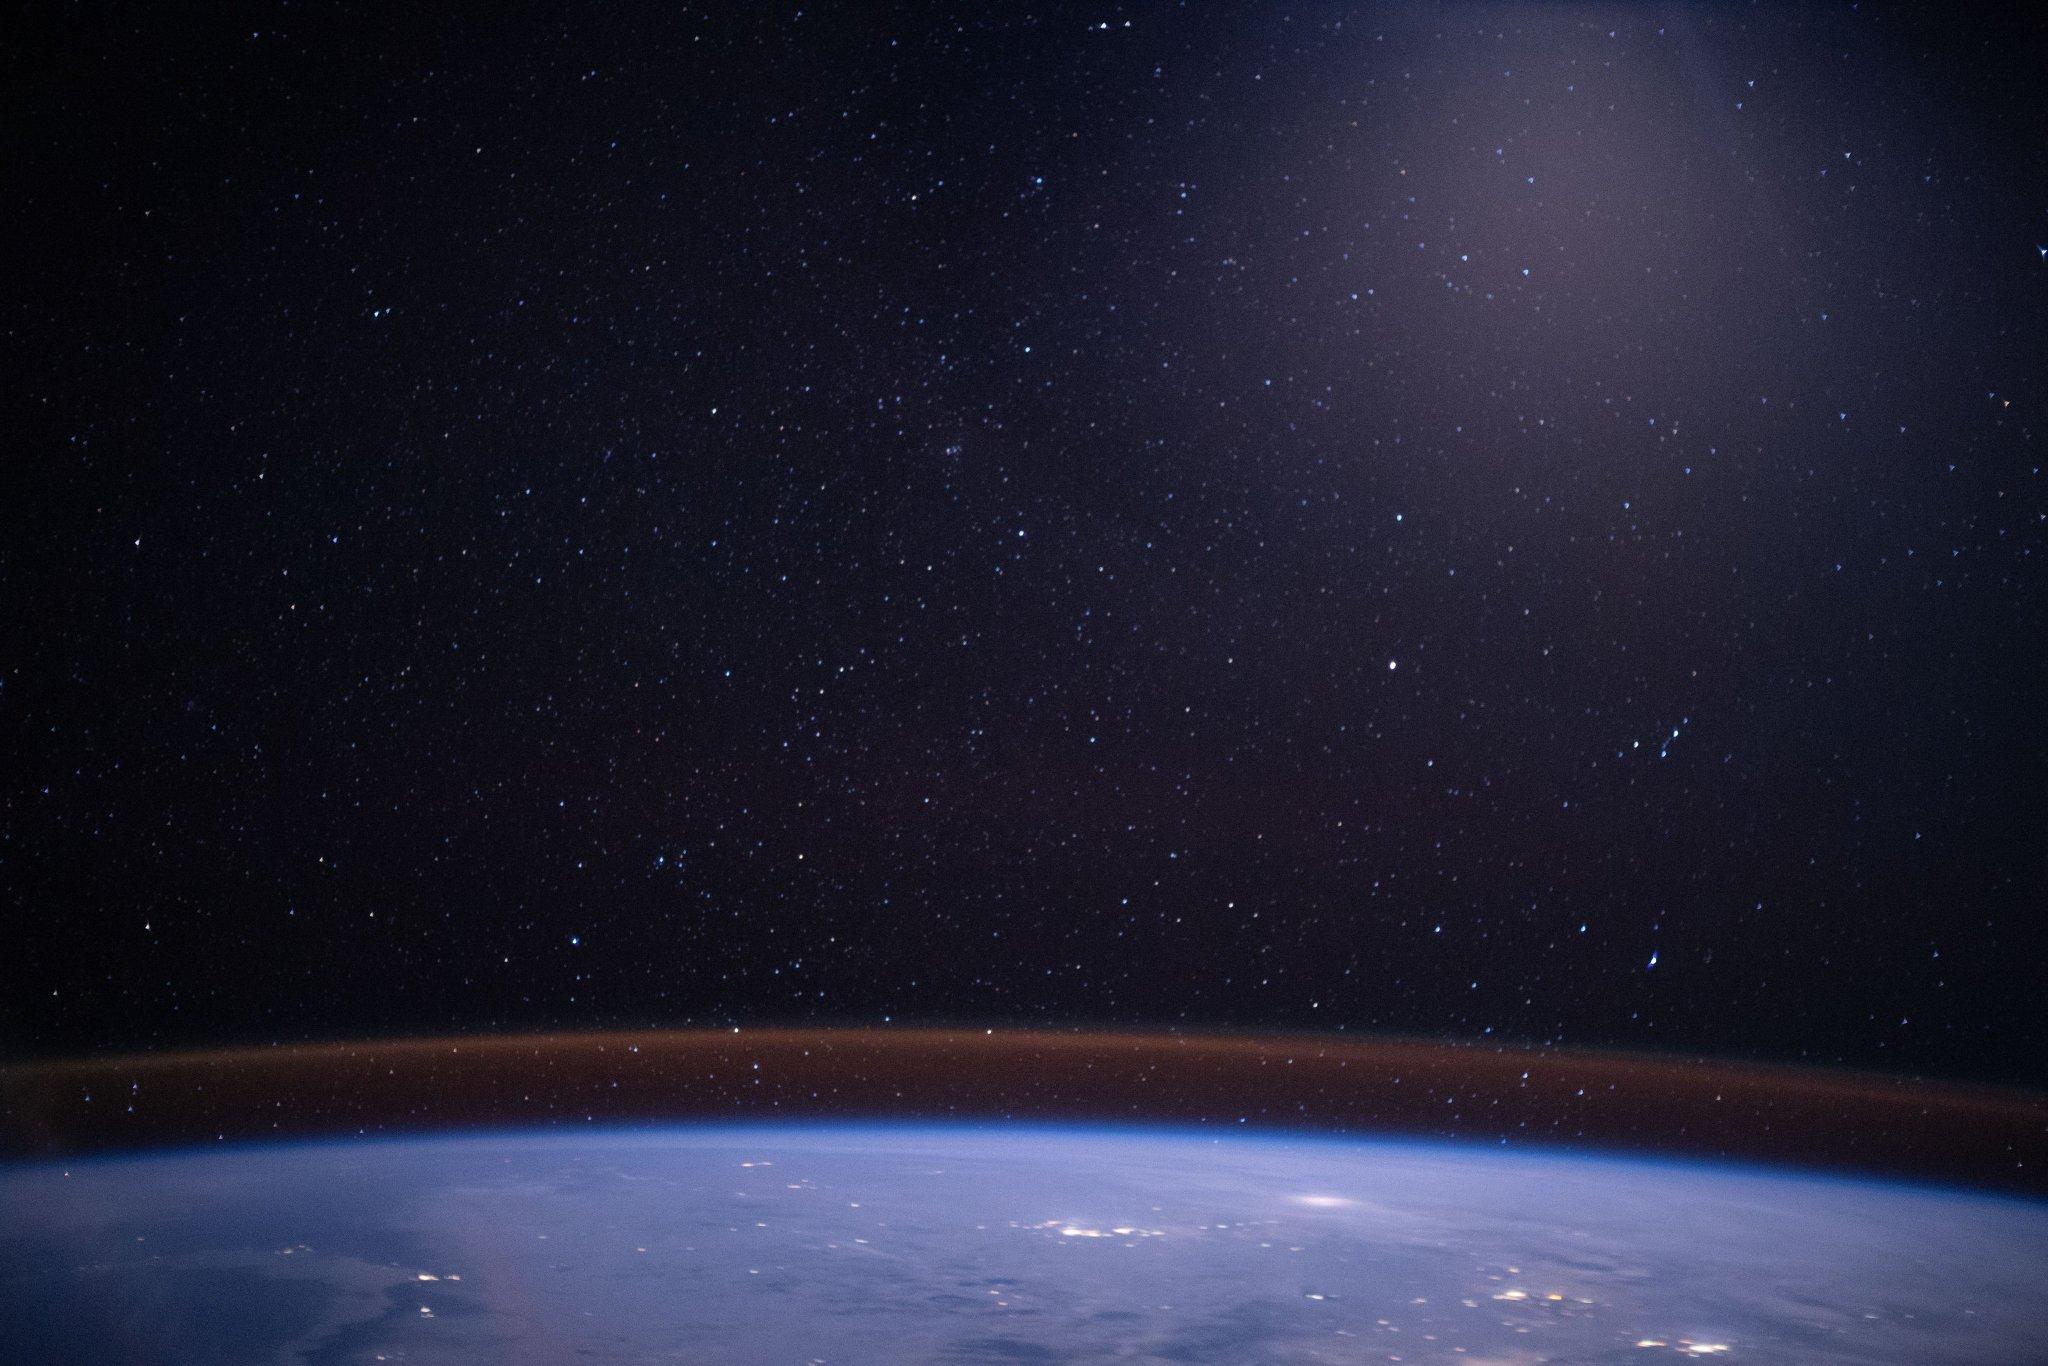 Foto Aurora yang diambil dari Stasiun Luar Angkasa (ISS) pada 20 Maret 2020